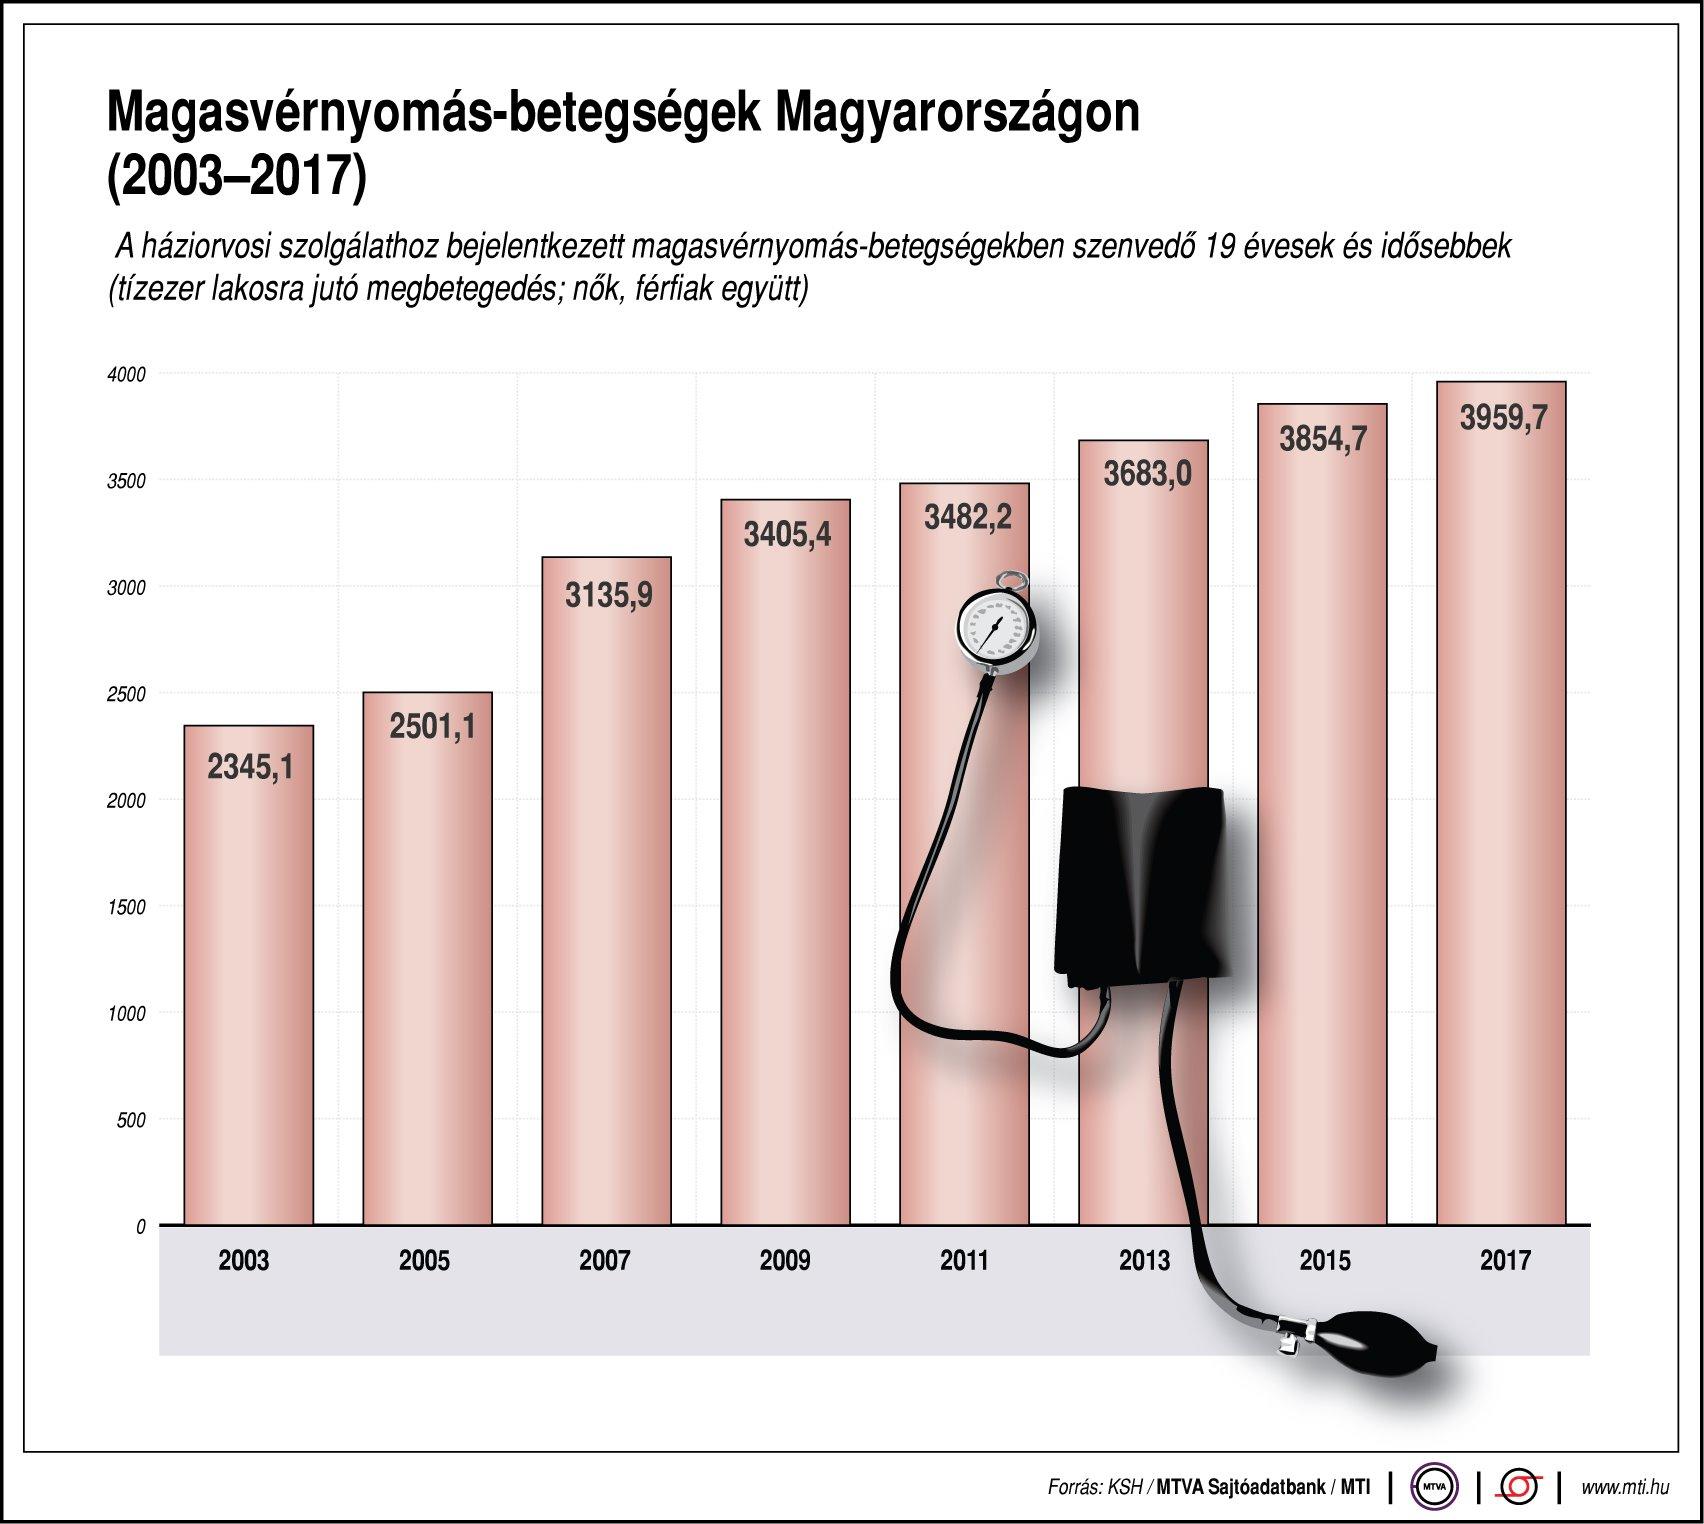 magas vérnyomás és vd különbségek magas vérnyomásban szenvedő betegek rehabilitációja